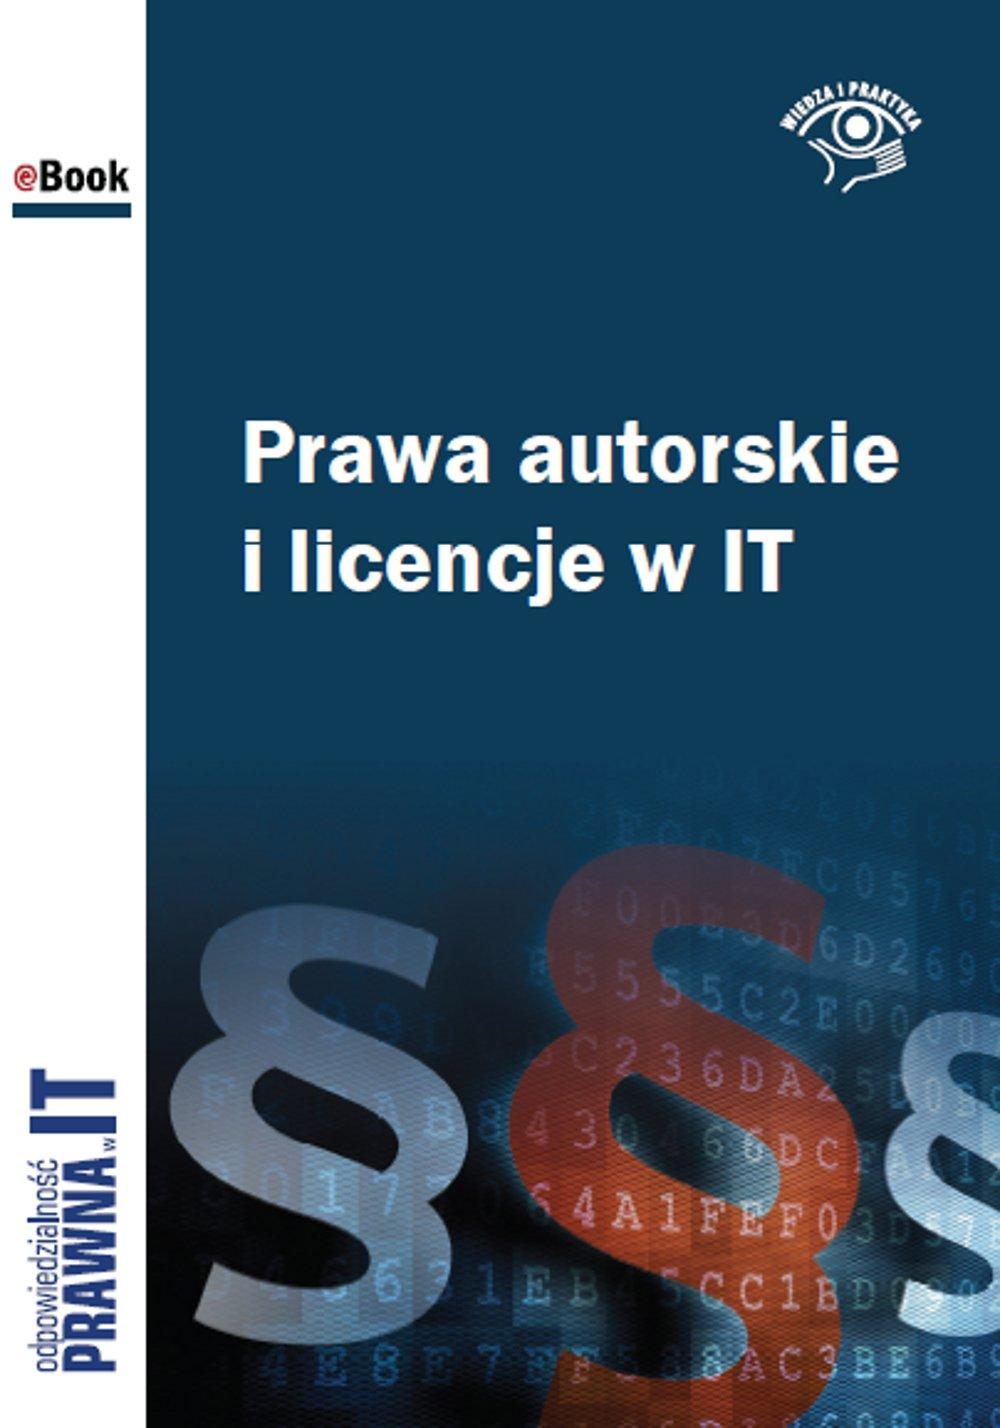 Prawa autorskie i licencje w IT - Ebook (Książka na Kindle) do pobrania w formacie MOBI